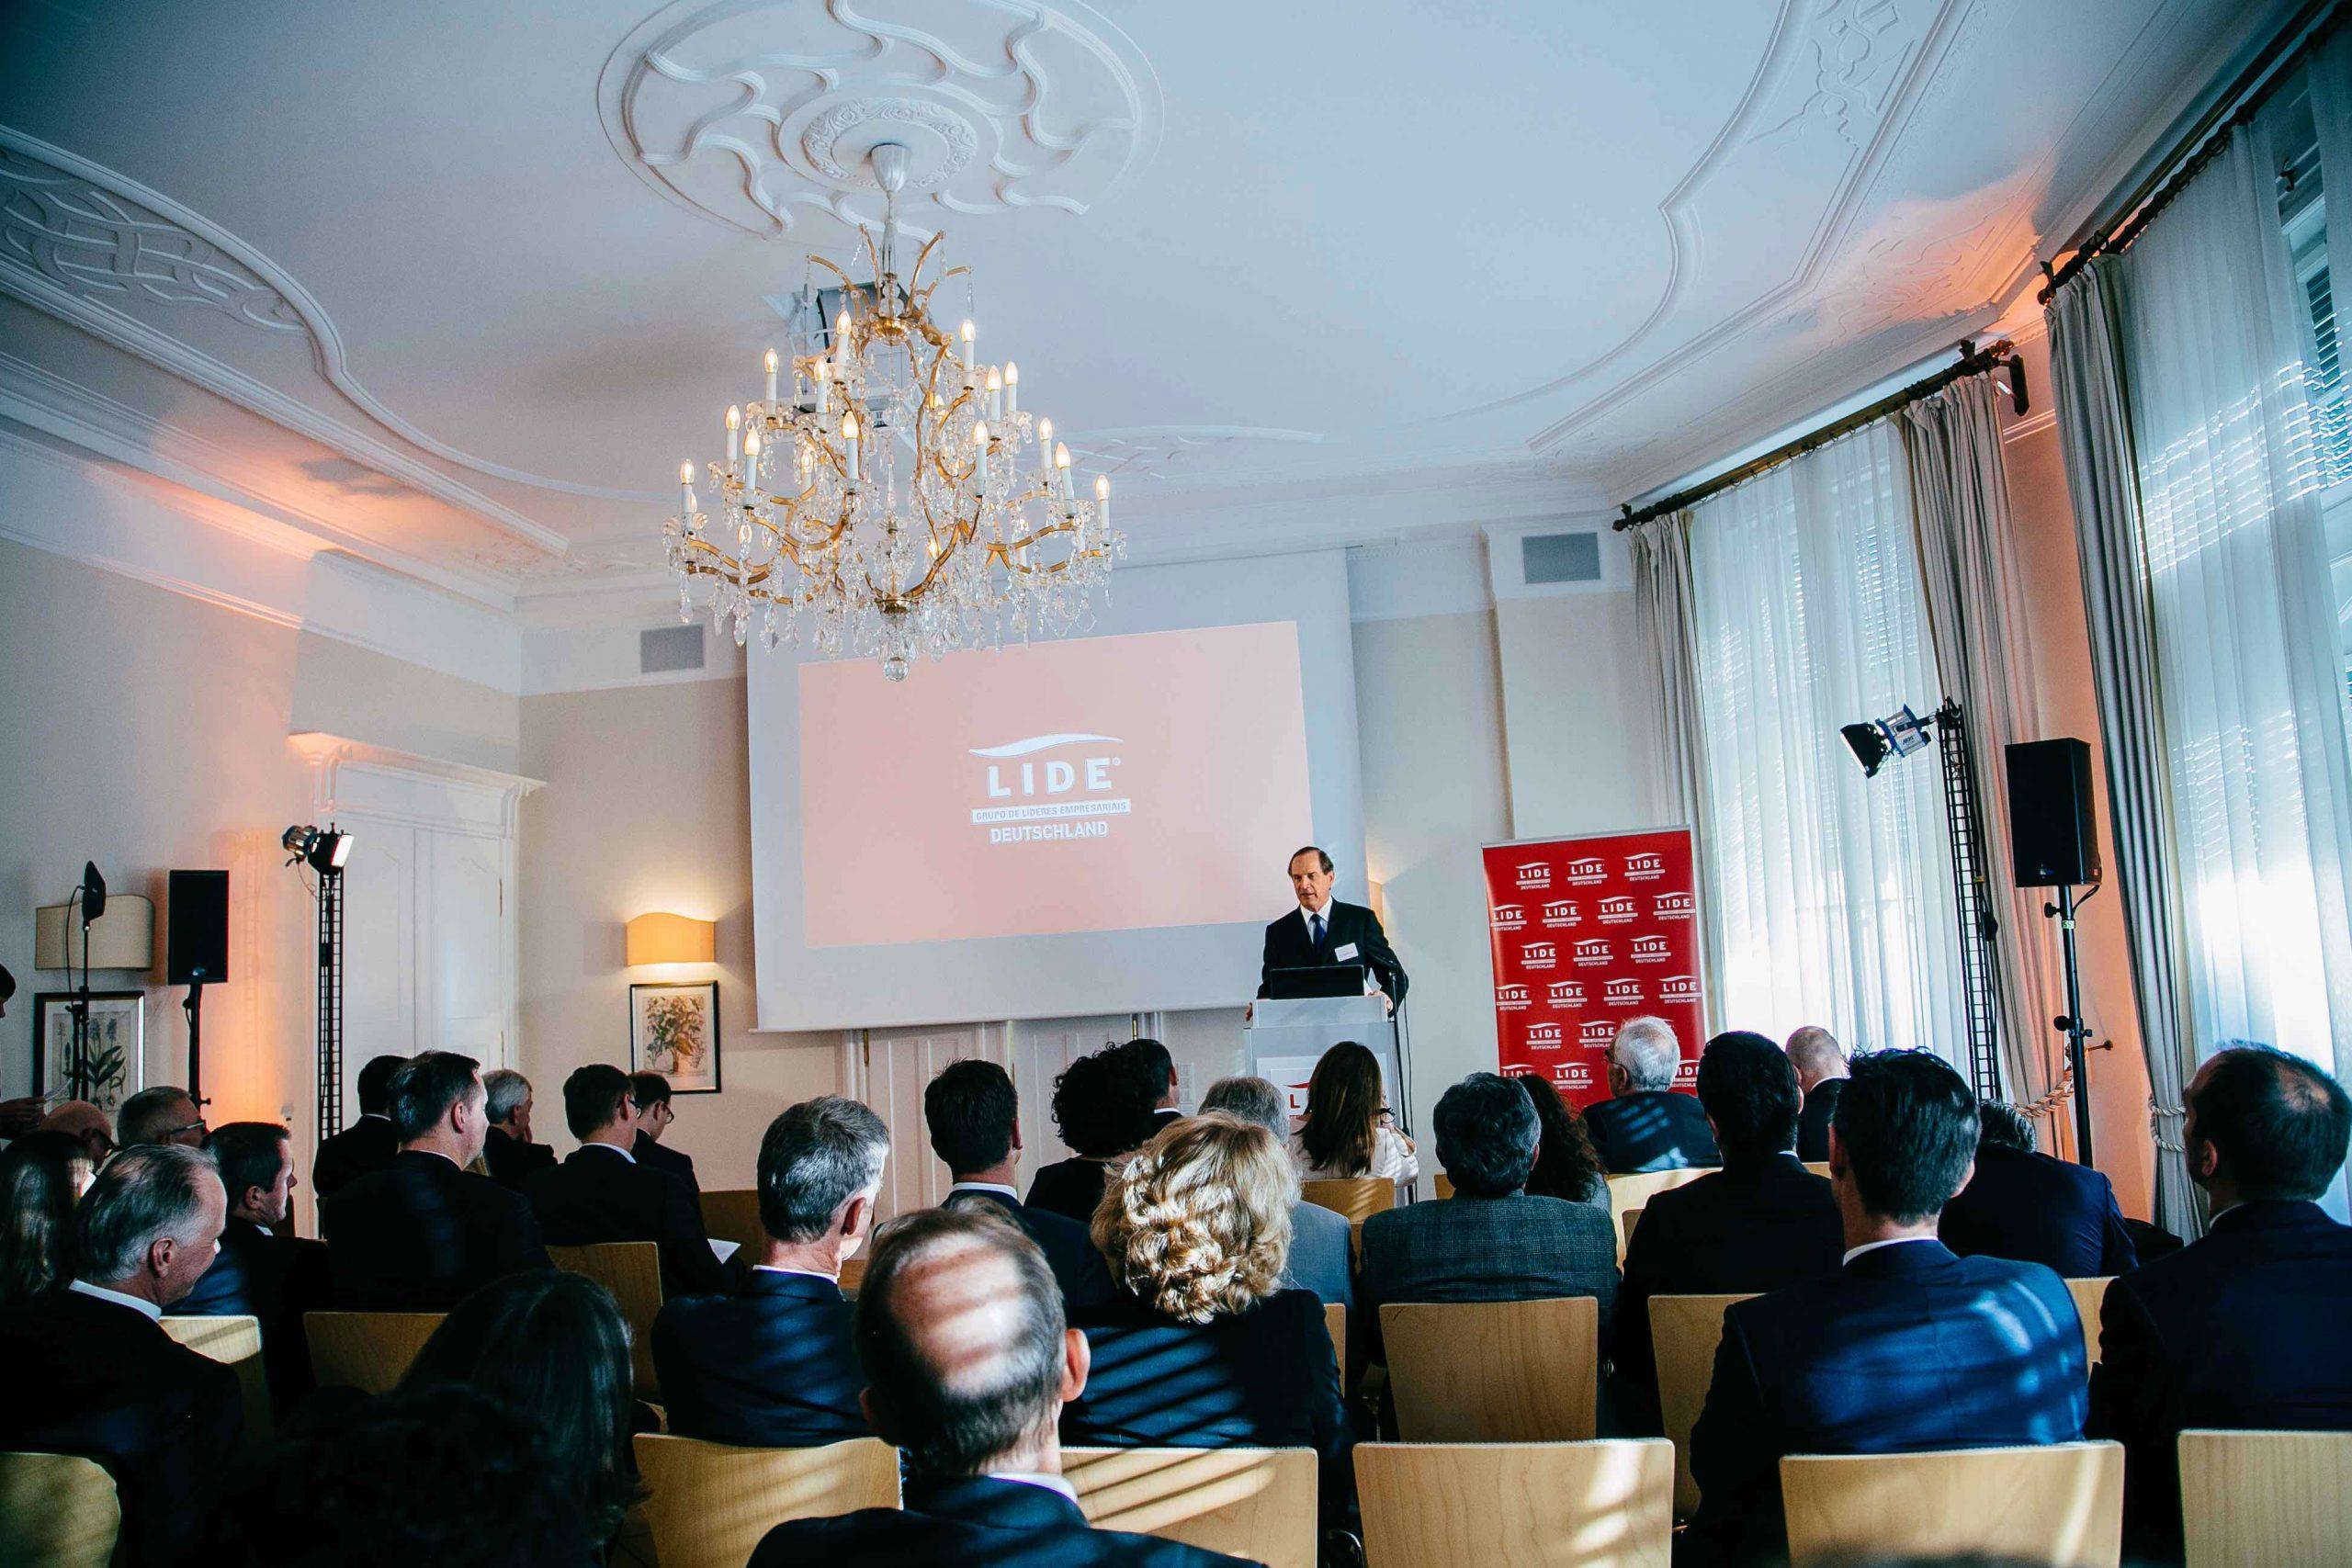 lide-unternehmensnetzwerk_event